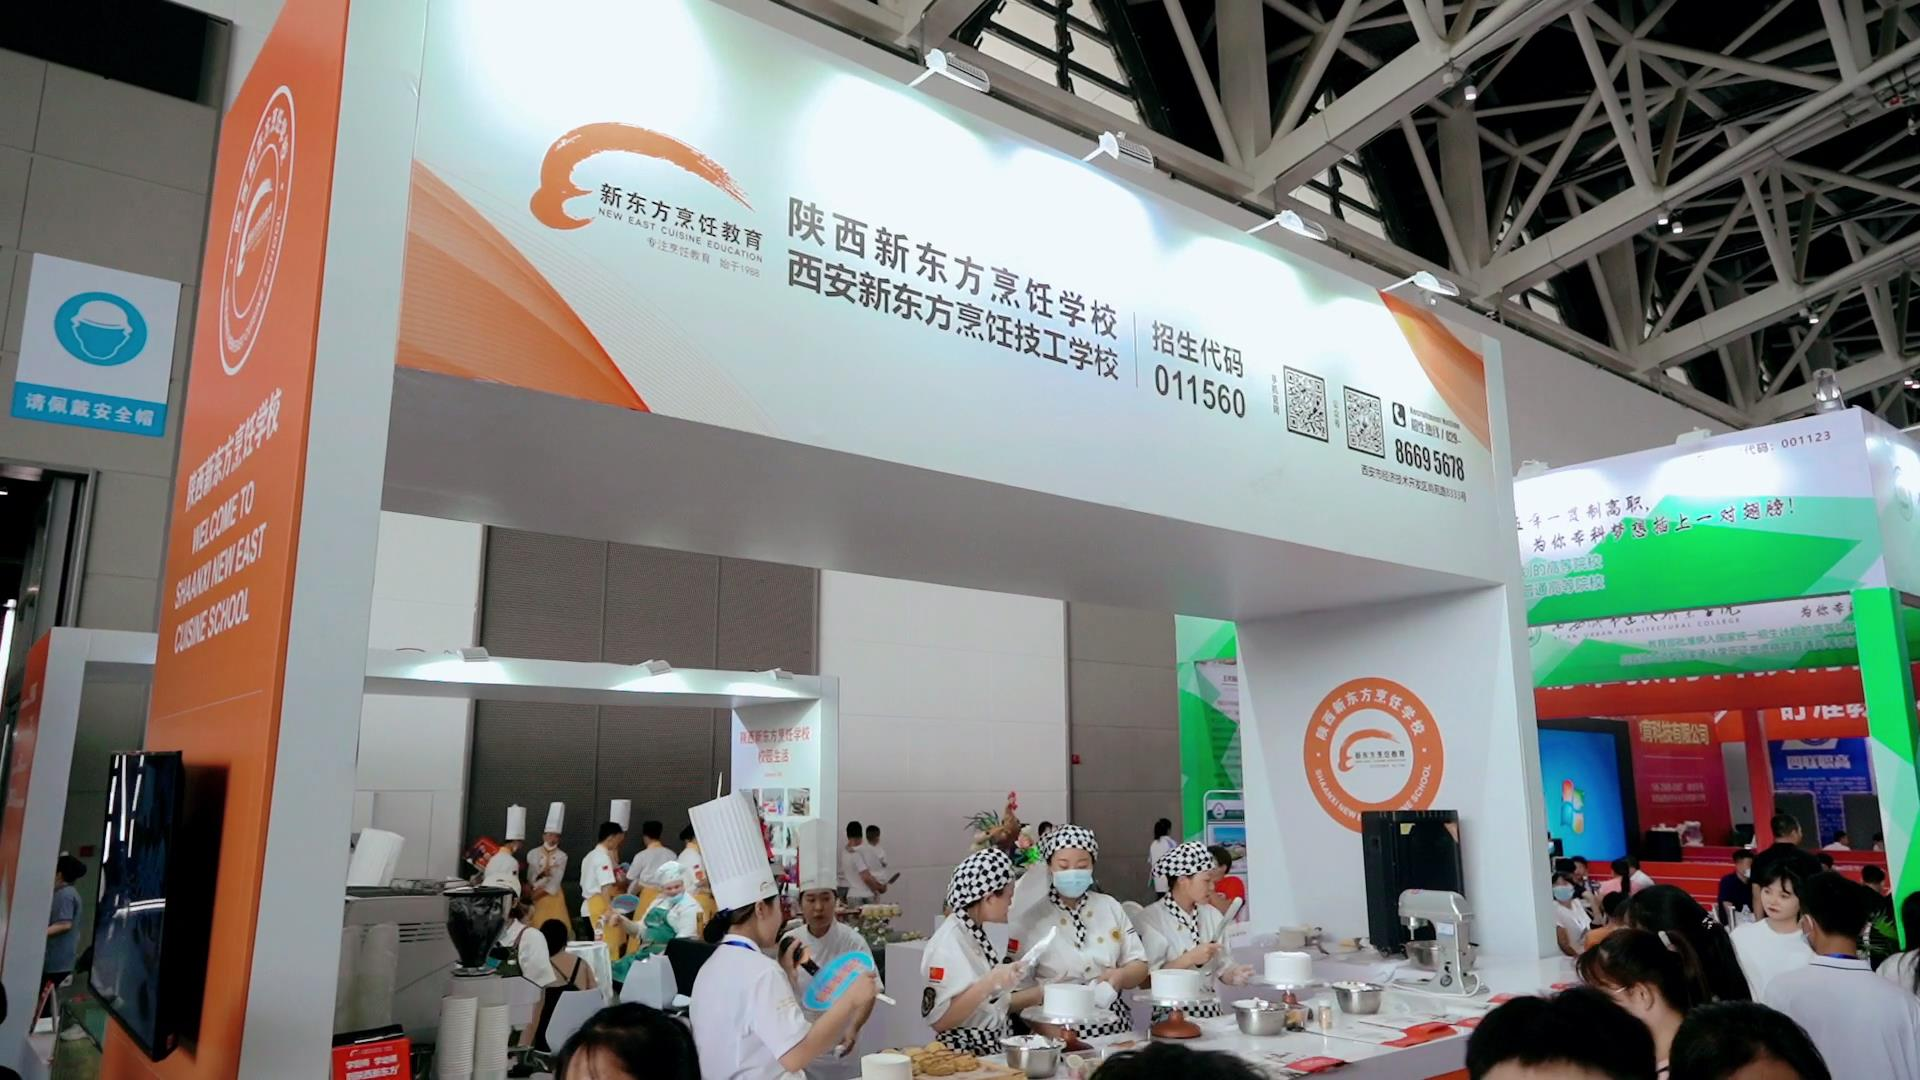 西安市2021年中考招生咨询会―陕西新东方展台前比肩叠踵人气爆棚